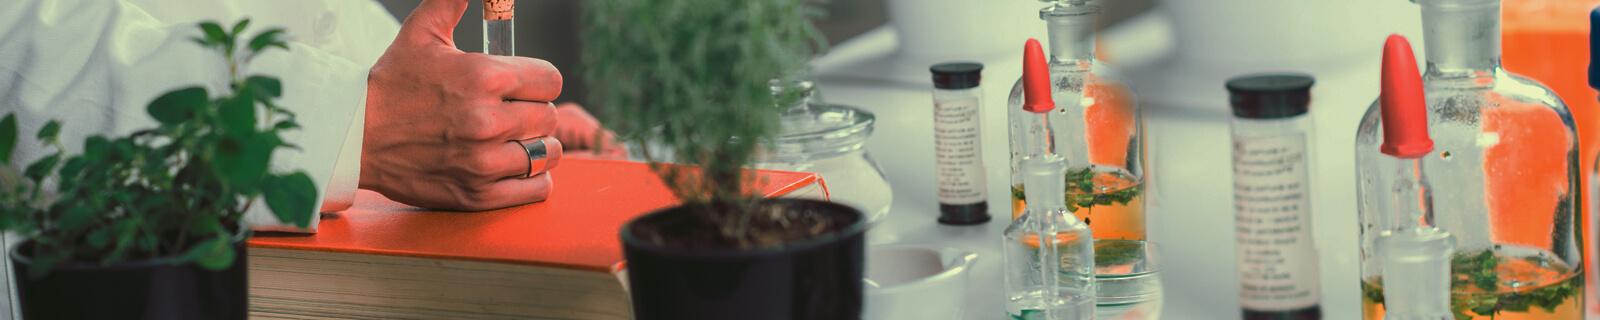 GLOSAR PLANTE MEDICINALE